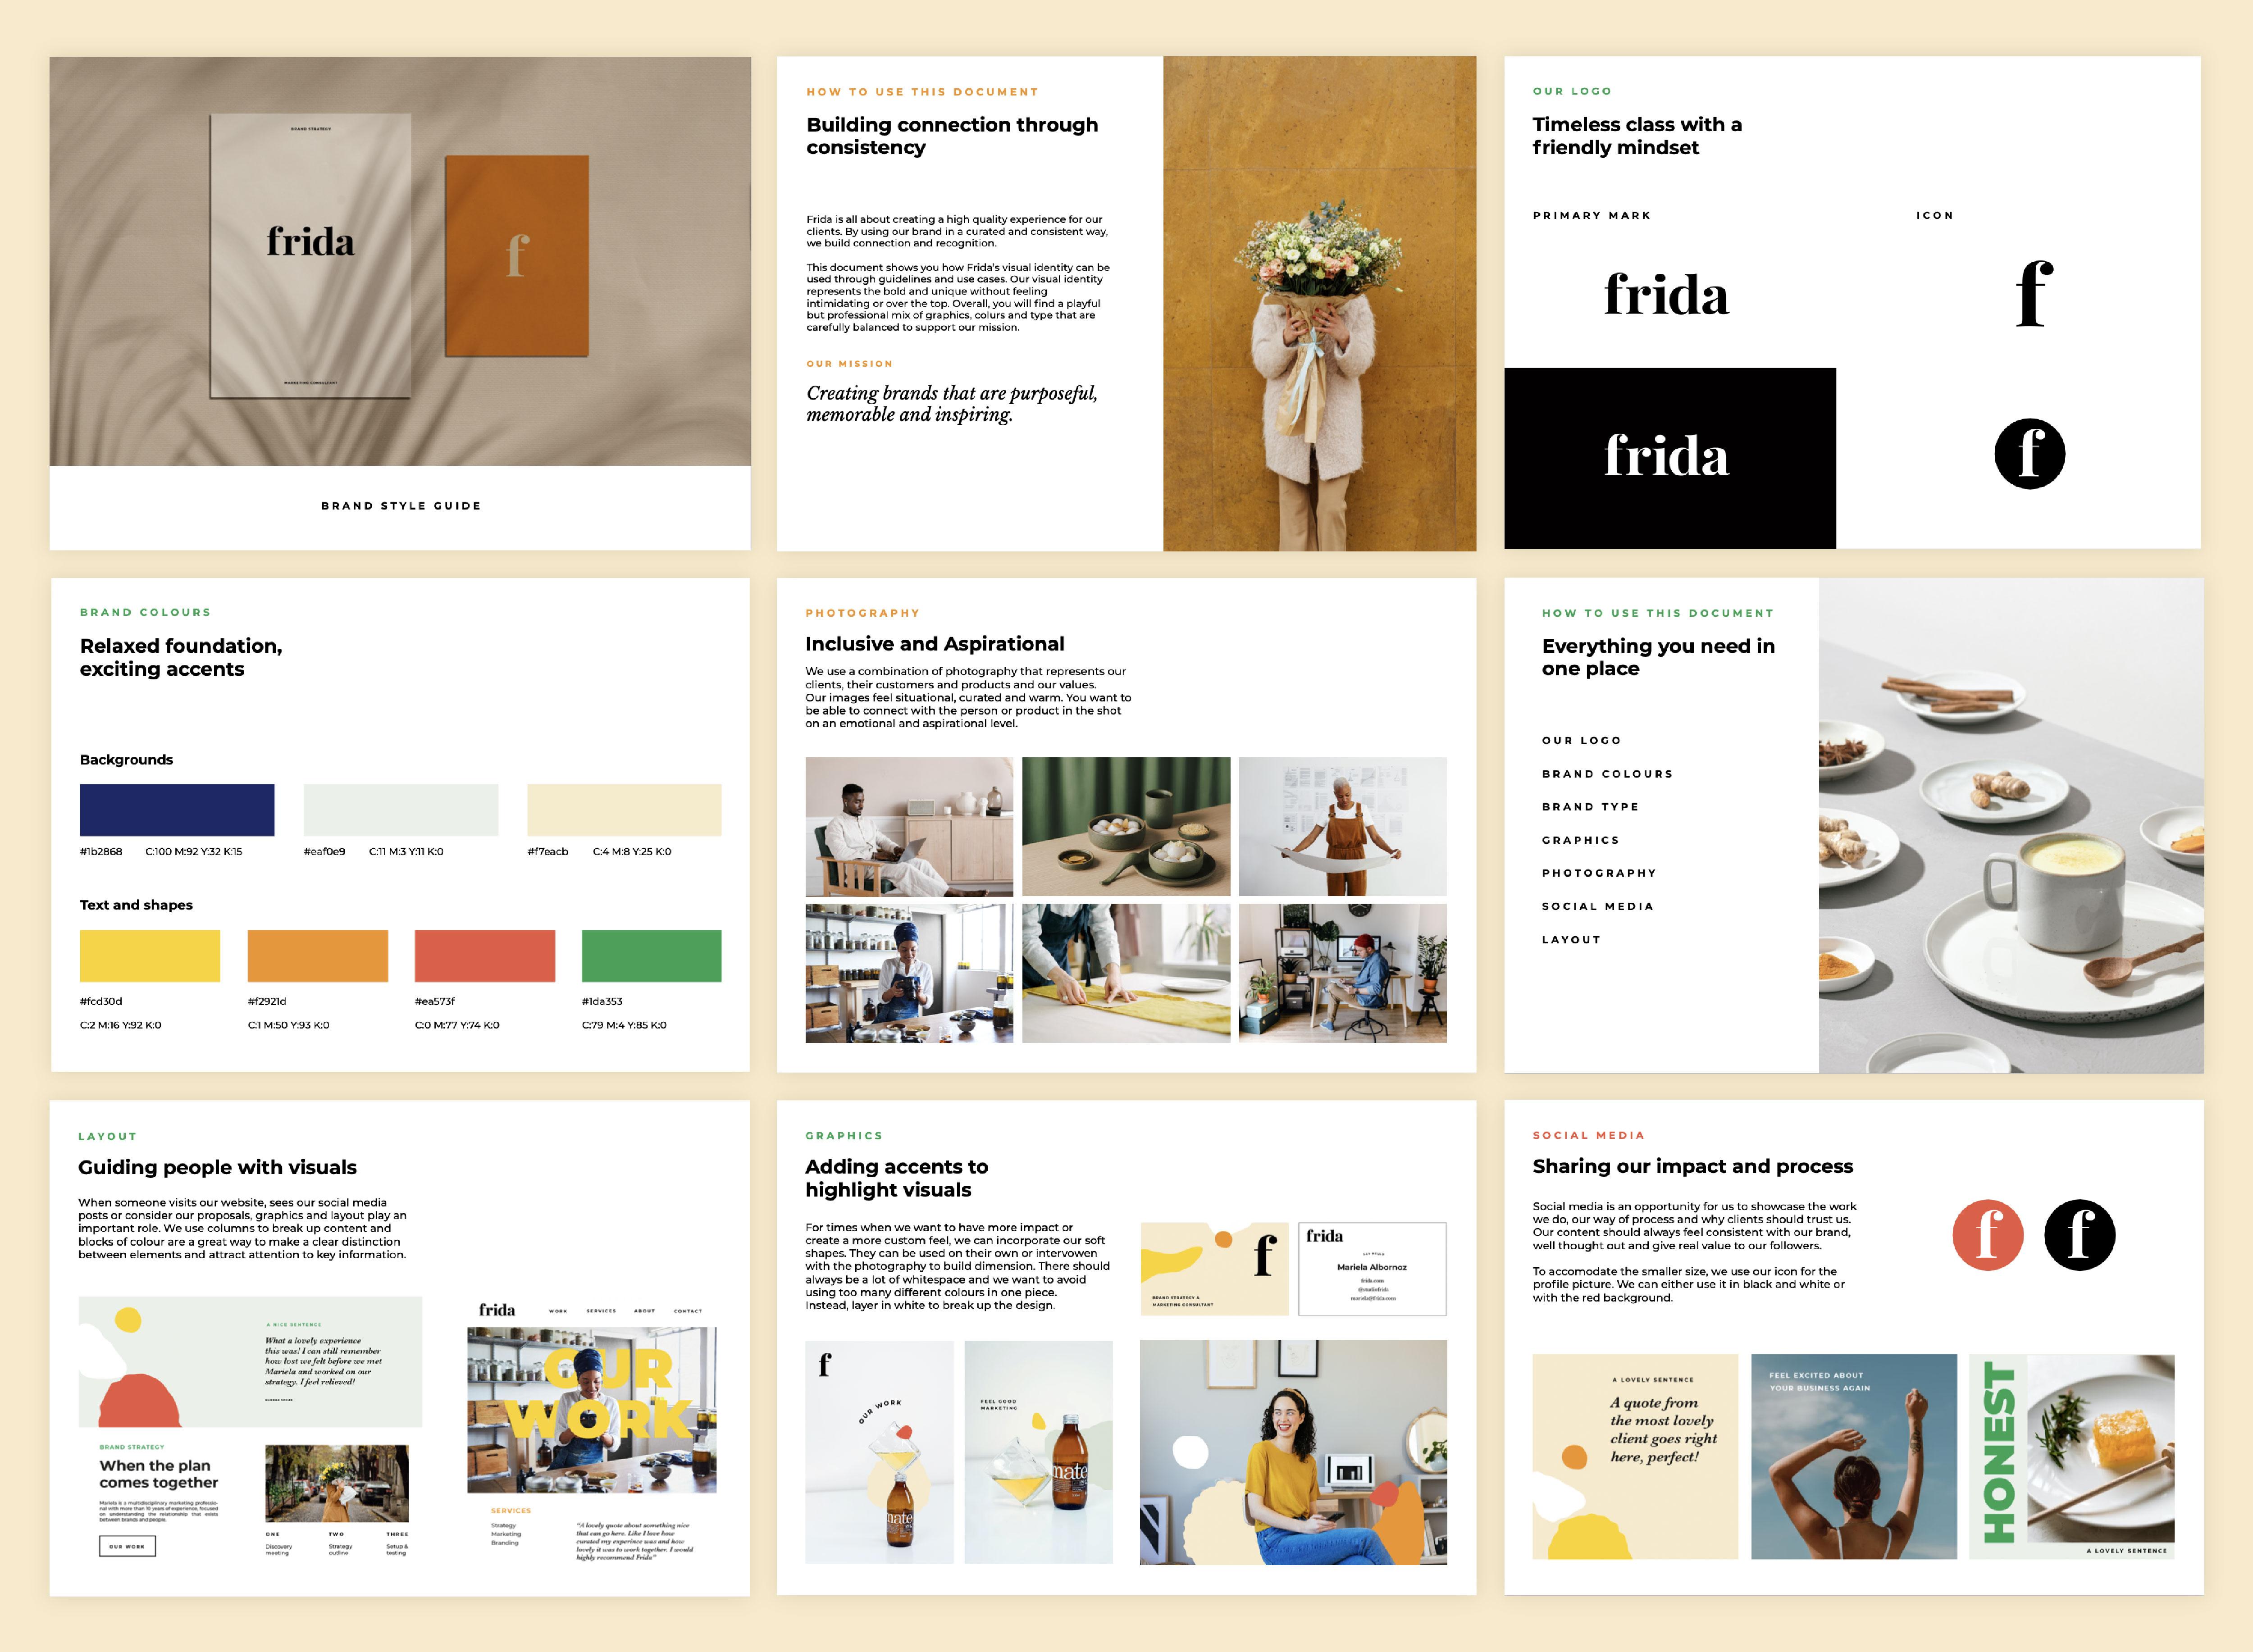 frida brand guidelines